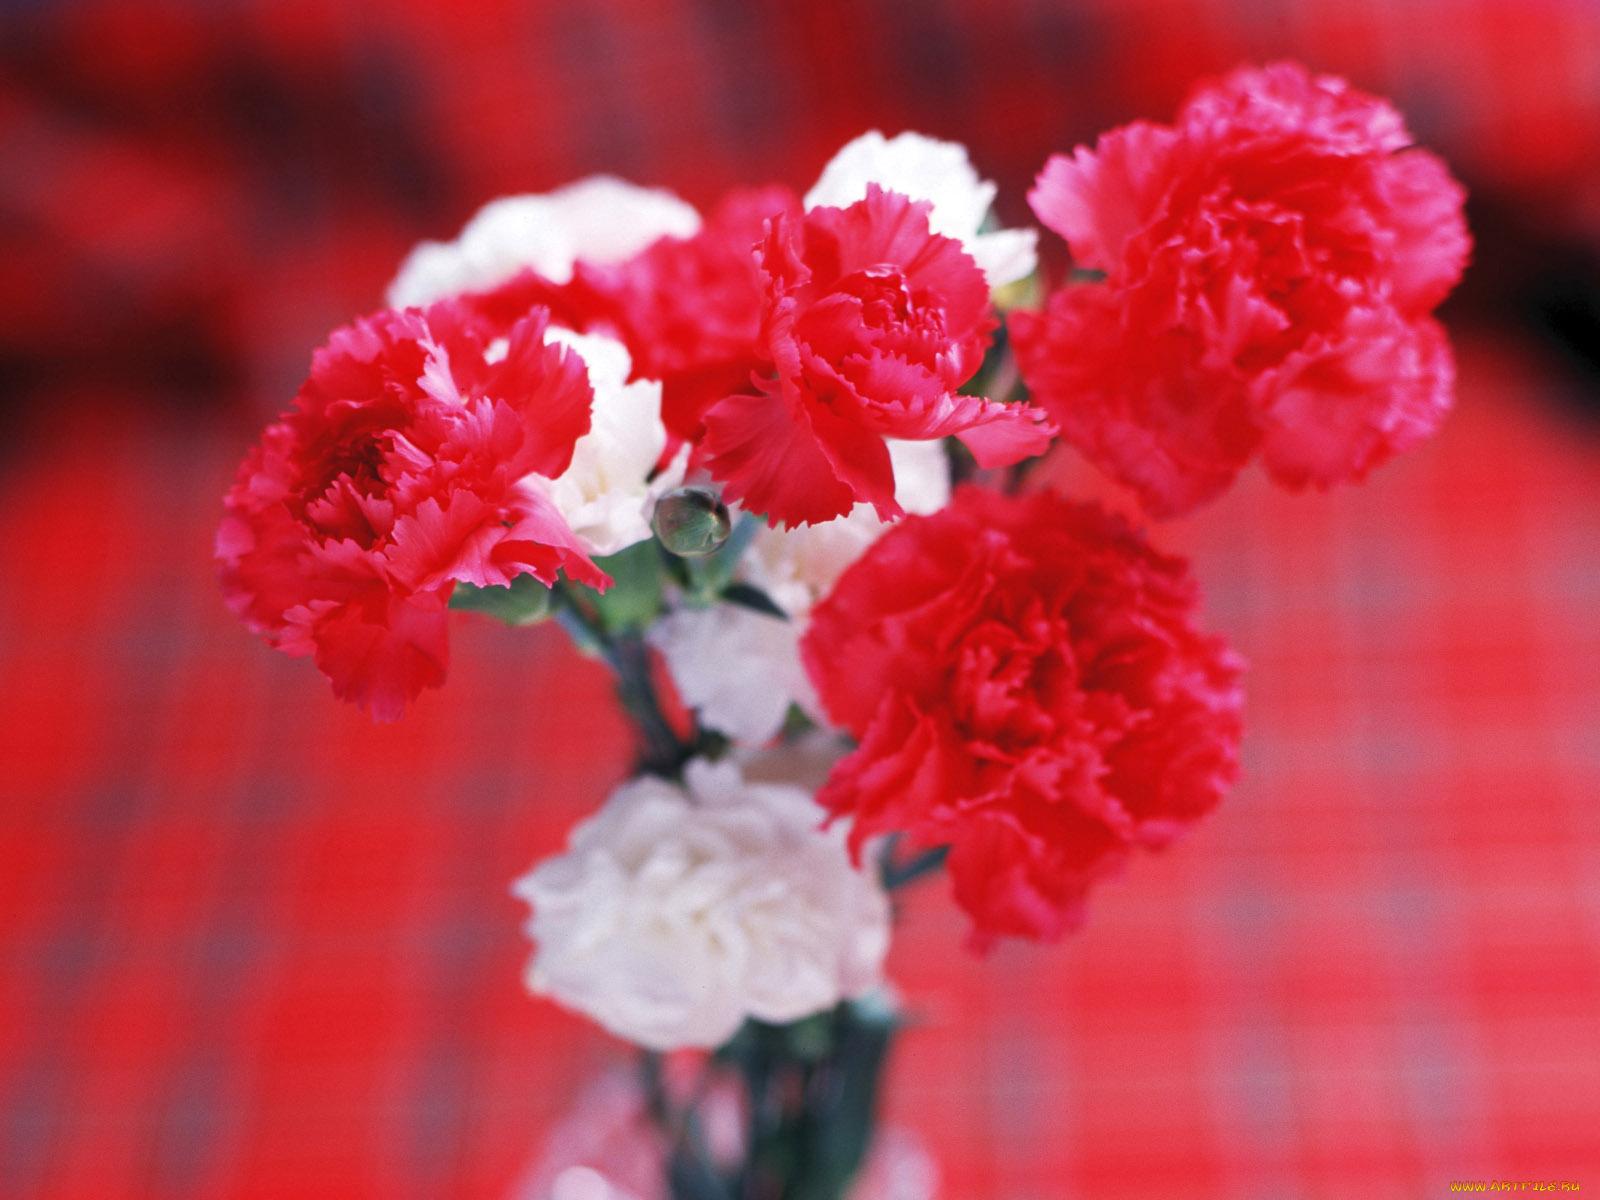 Картинки с красивым букетом цветов гвоздики, днем